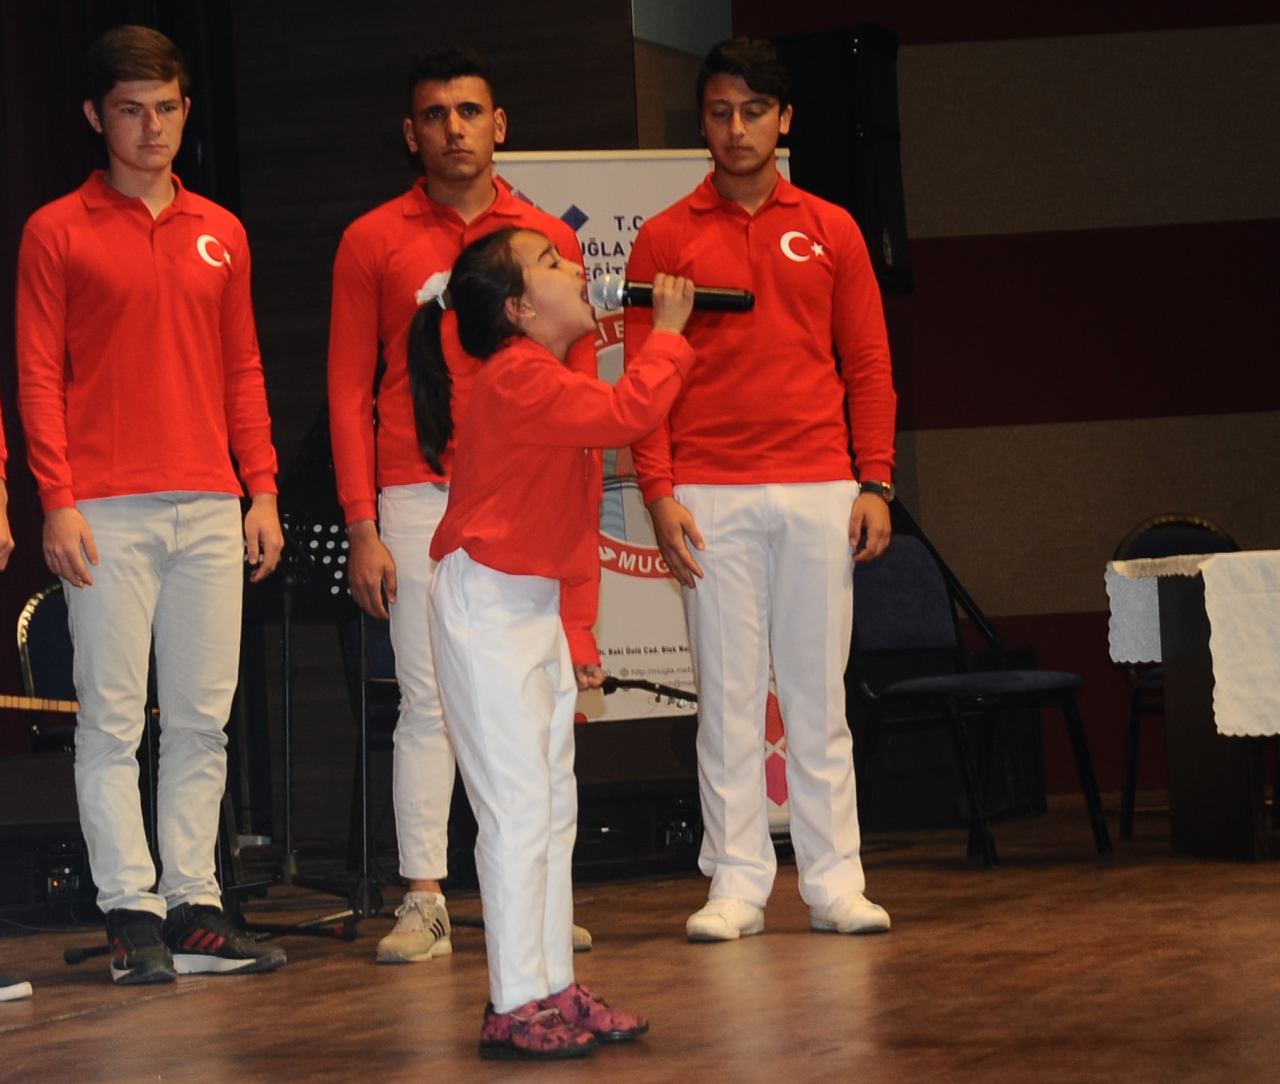 Rektörümüz, İstiklal Marşı'nın Kabulü ve Mehmet Akif Ersoy'u Anma Programına Katıldı